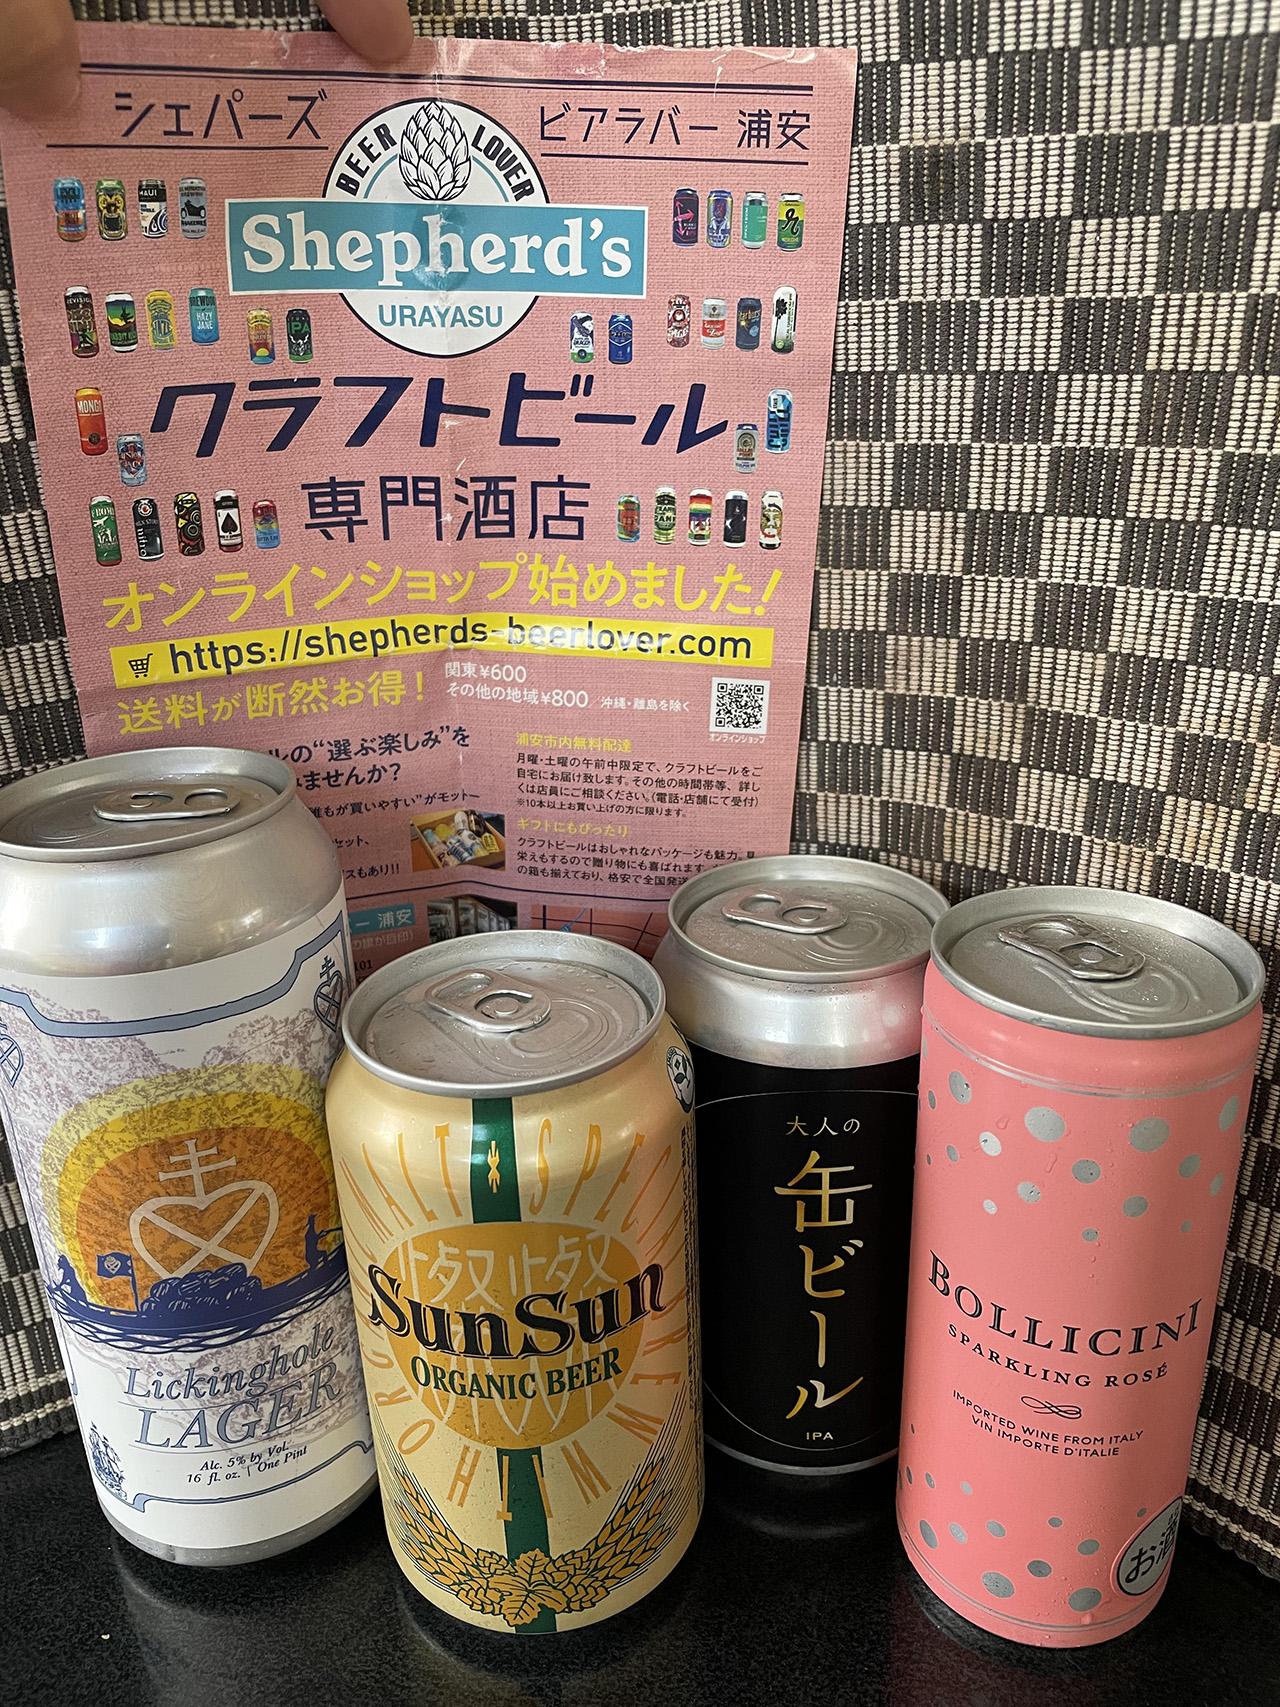 クラフトビールが並んだ写真